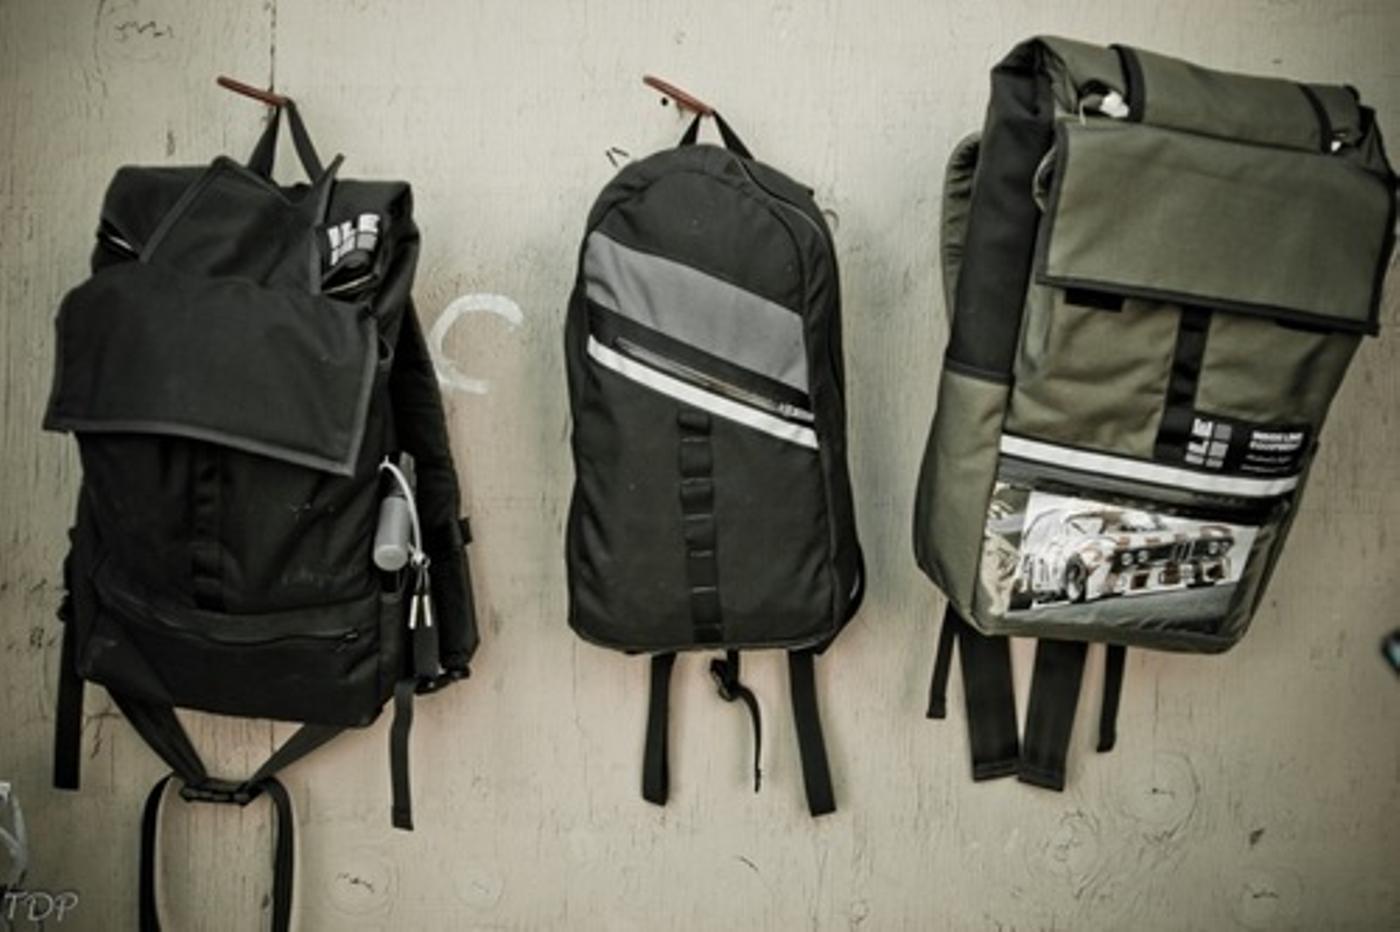 ILequipment_Bags.jpg